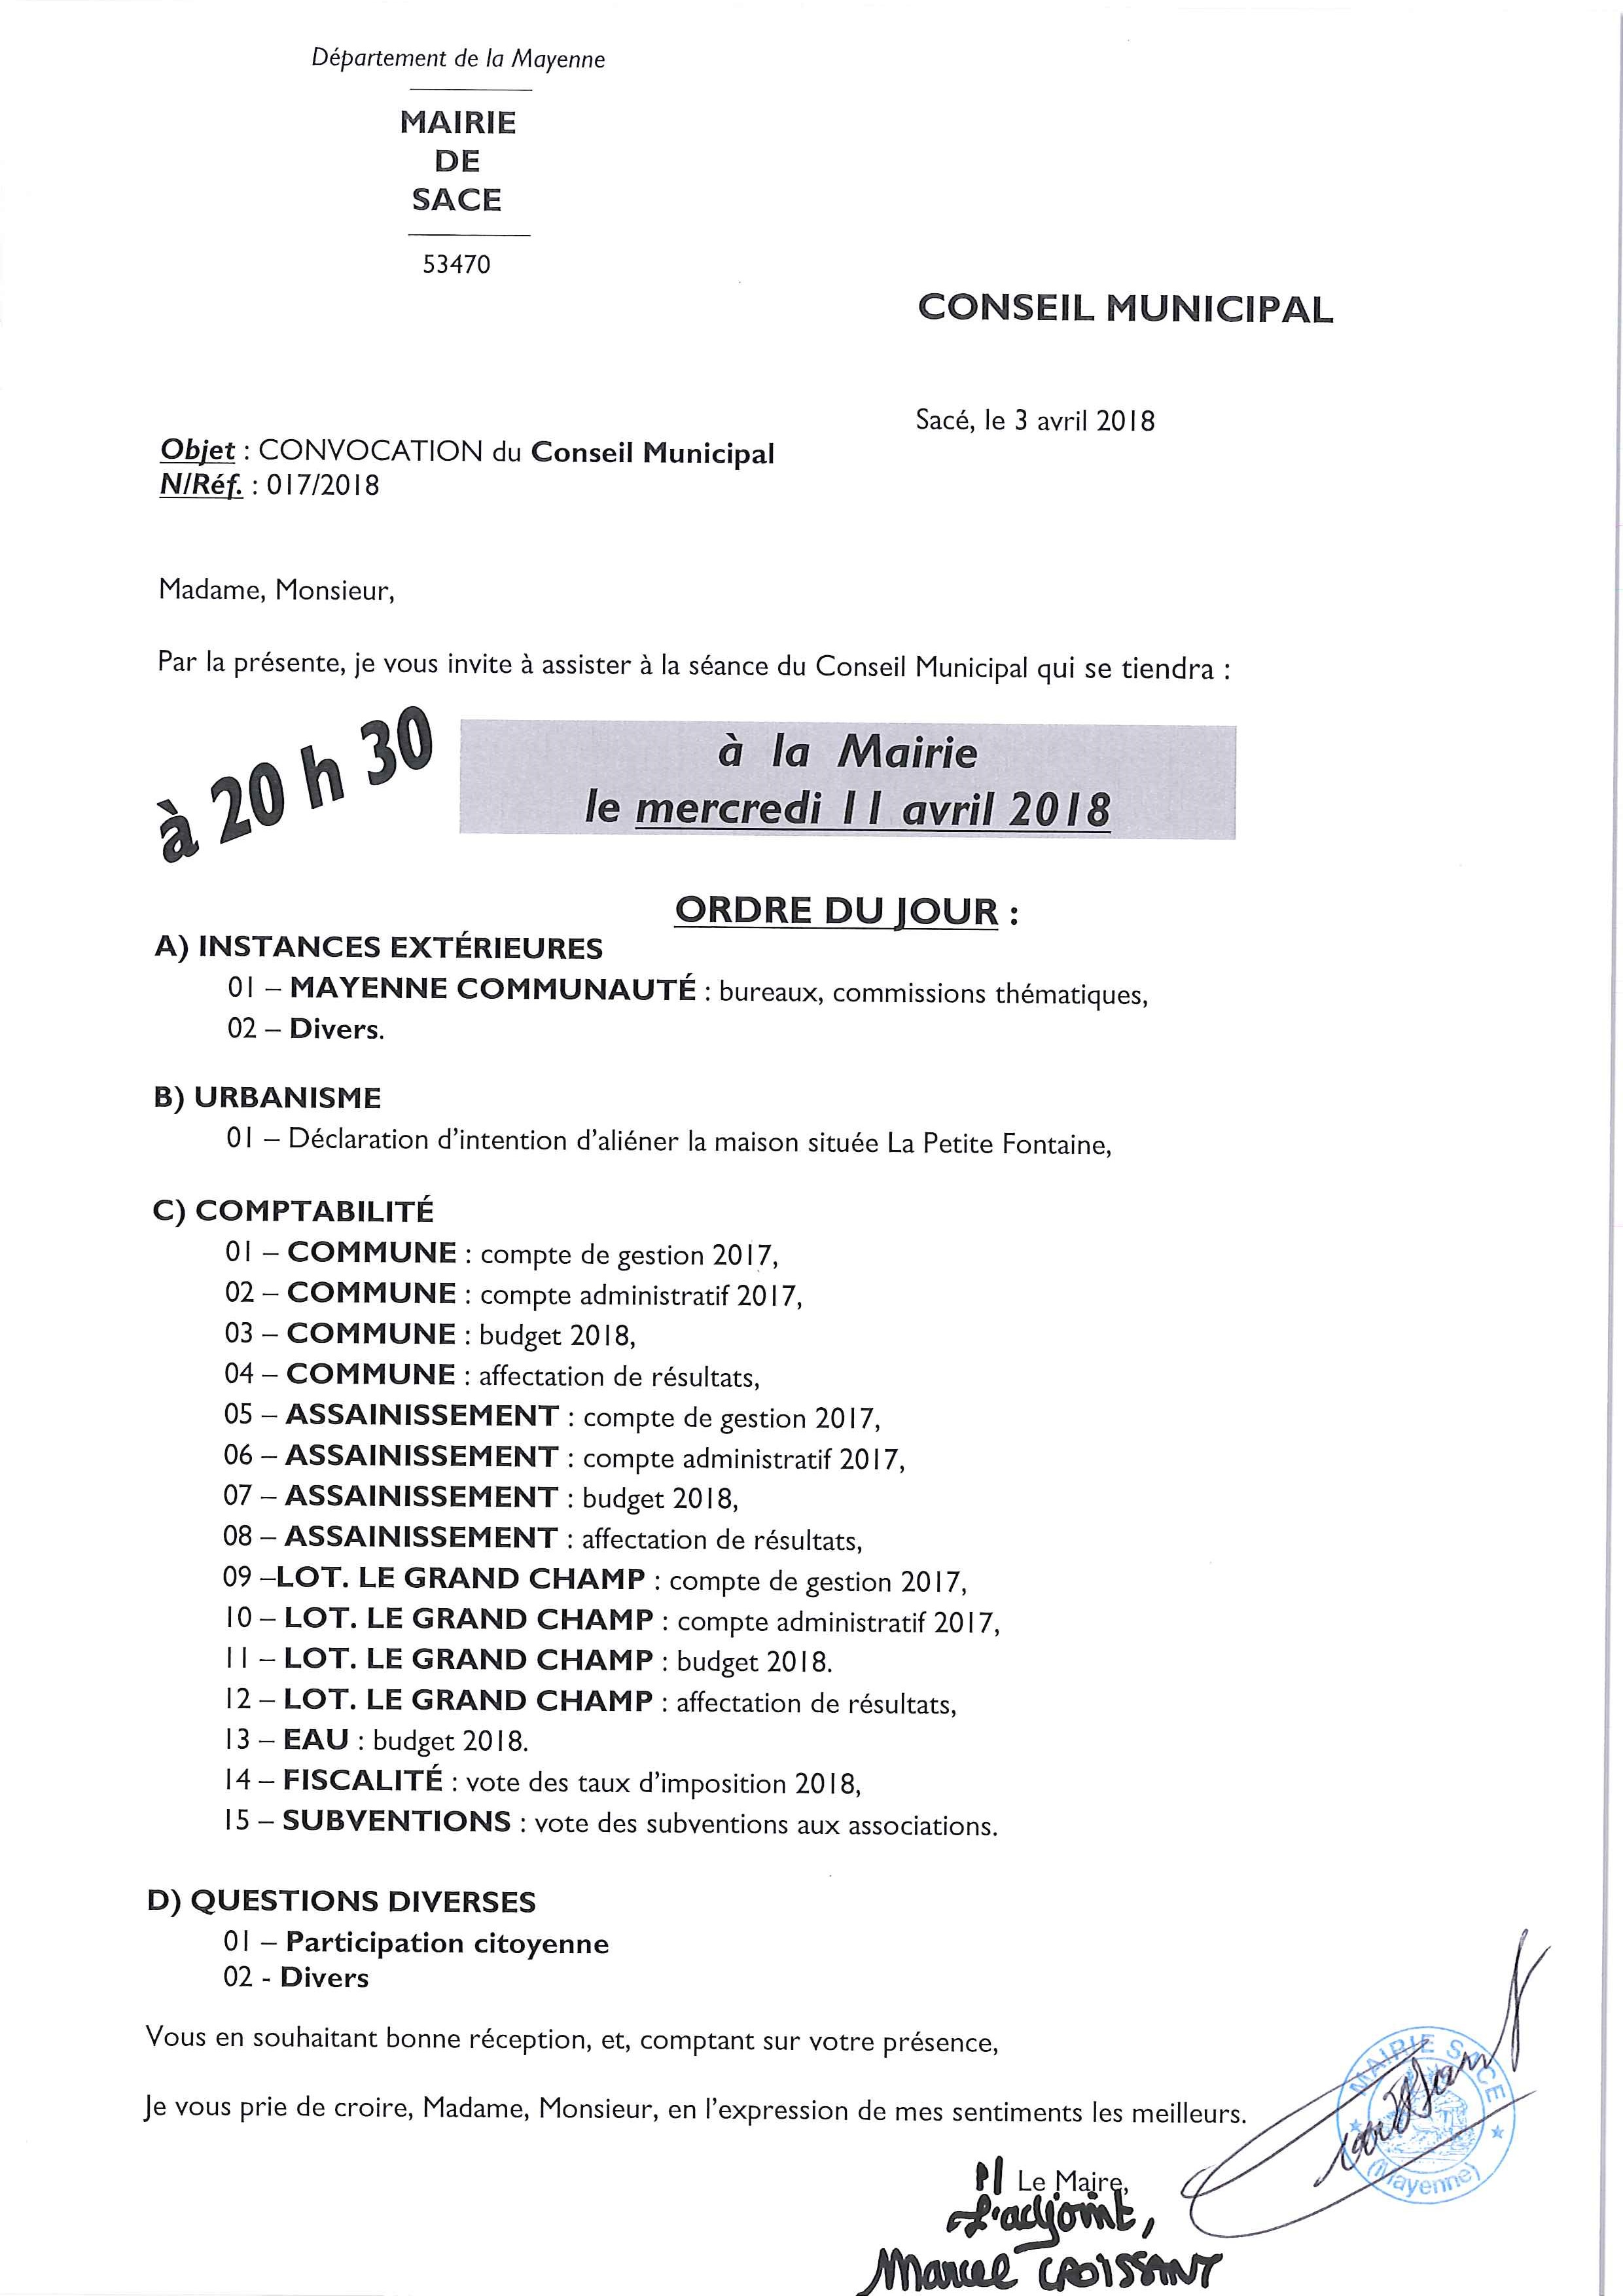 Conseil Municipal @ MAIRIE DE SACE - Salle du Conseil Municipal | Sacé | Pays de la Loire | France